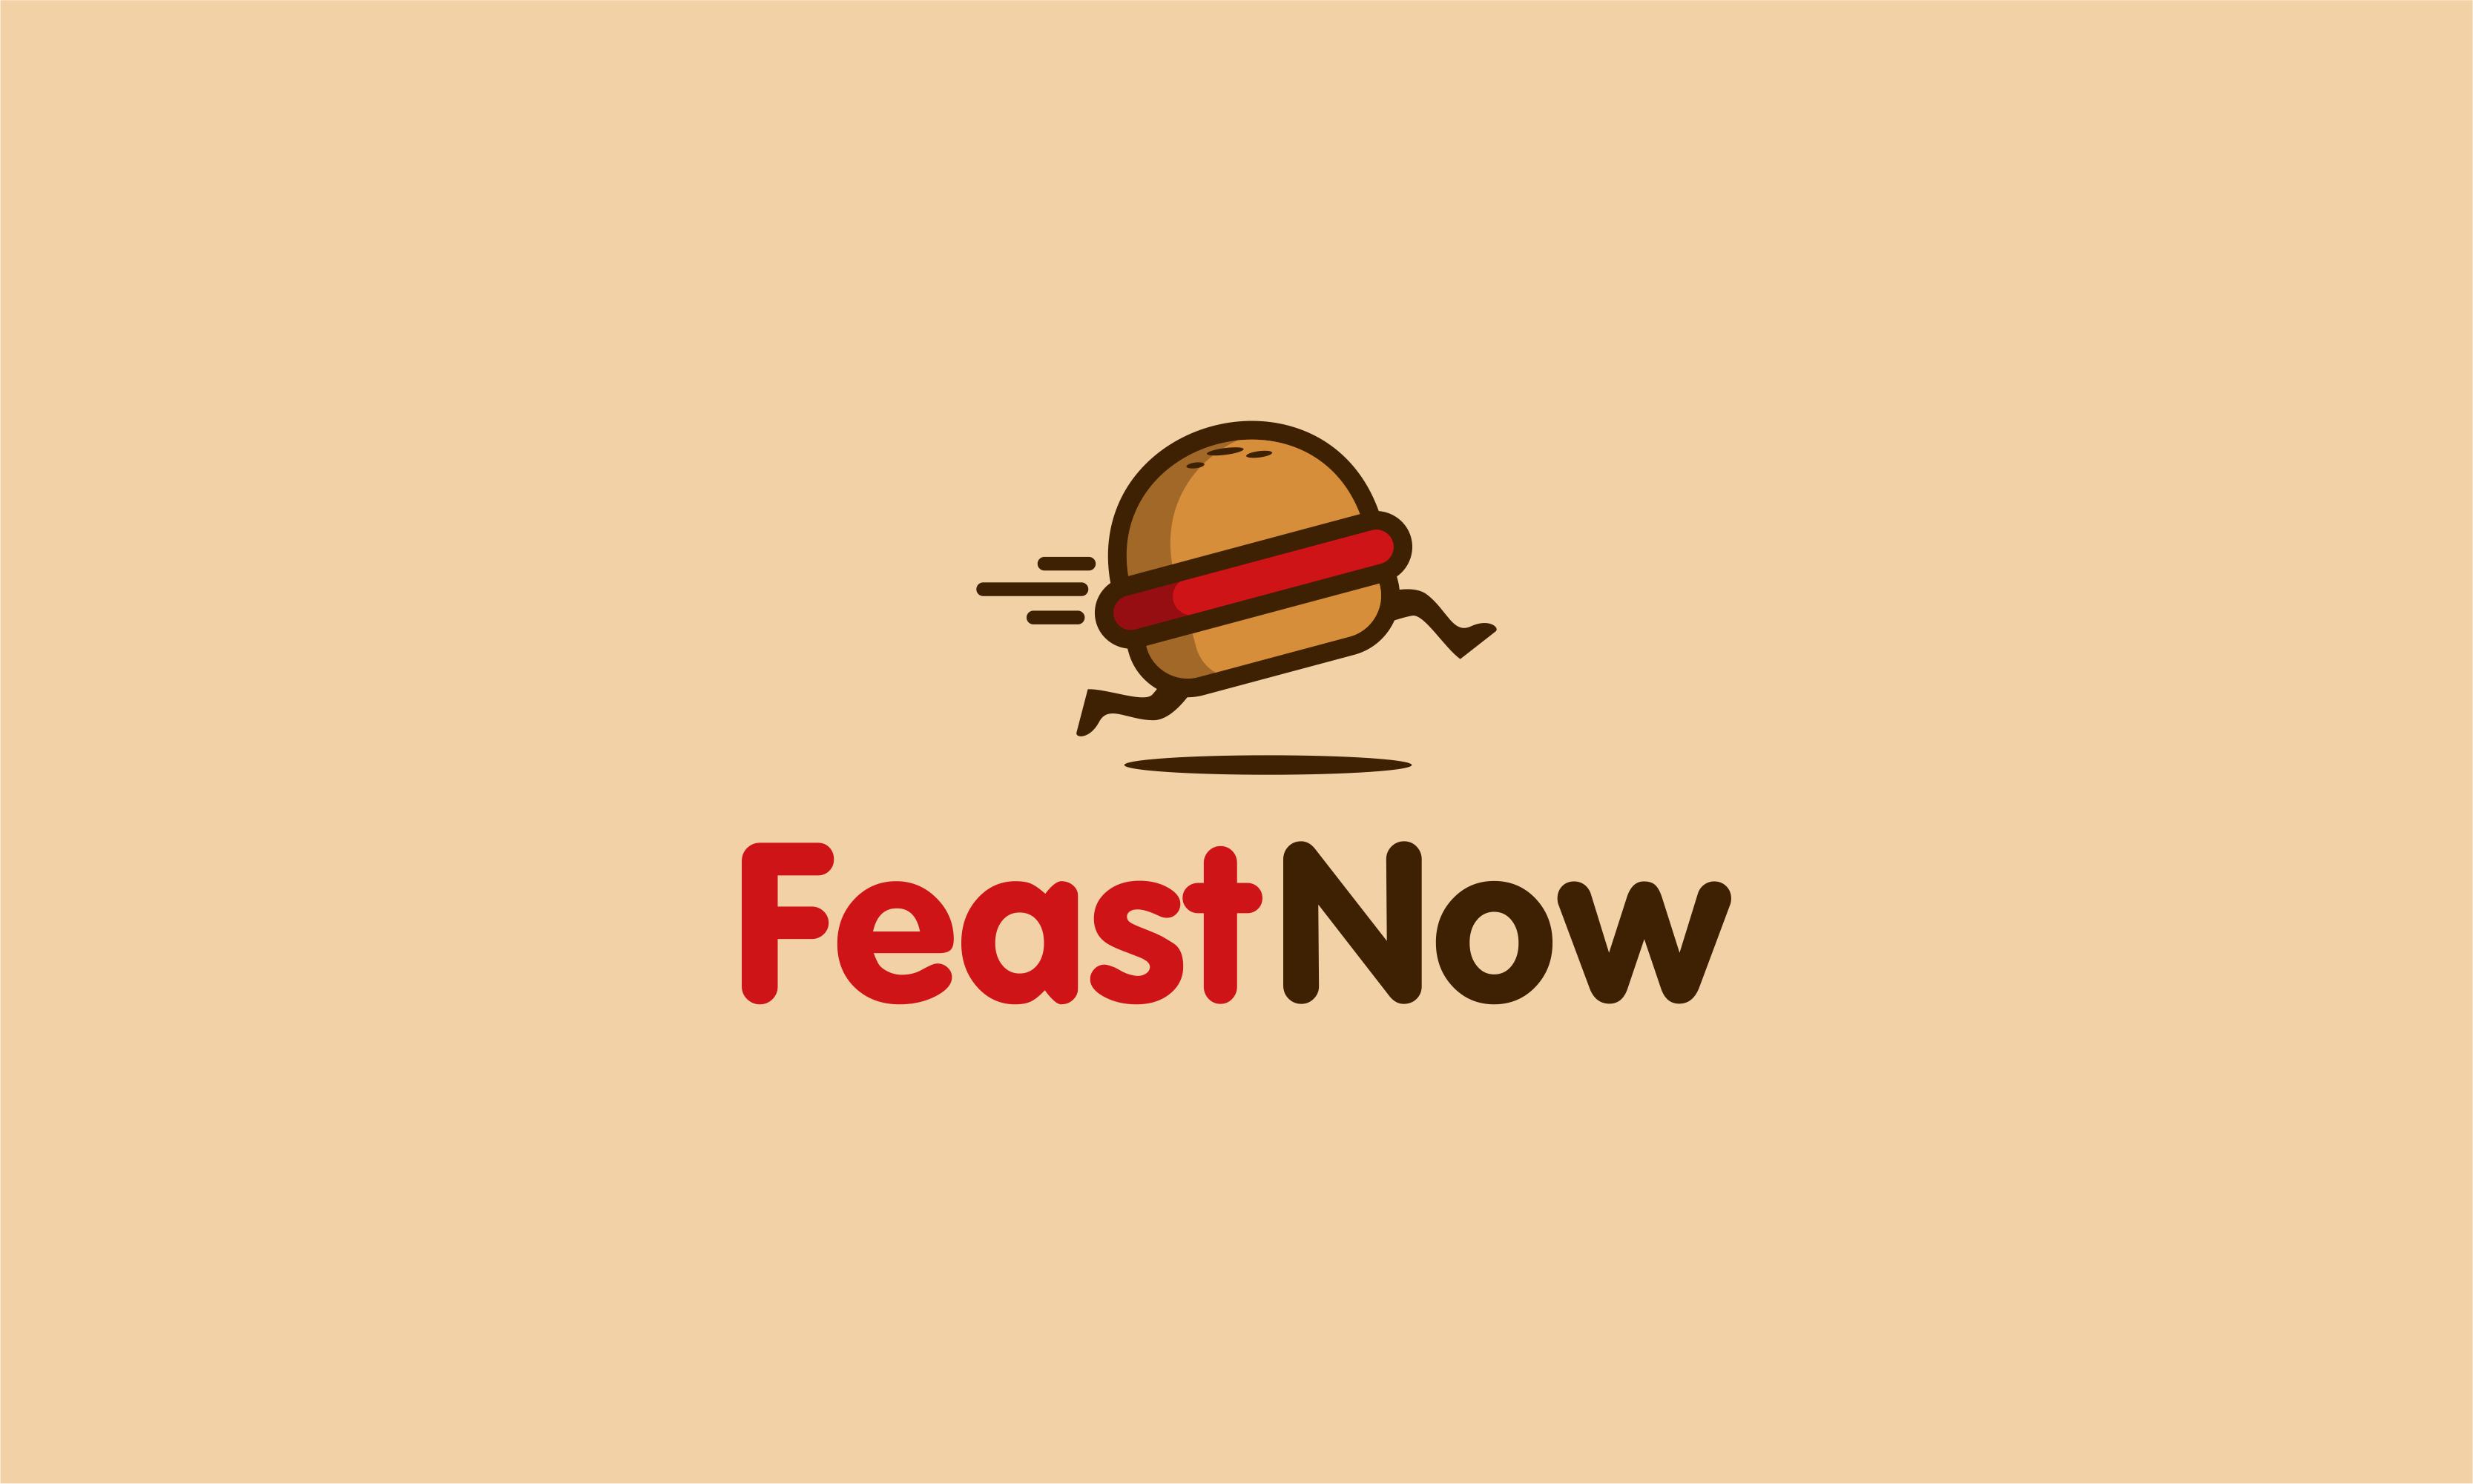 Feastnow